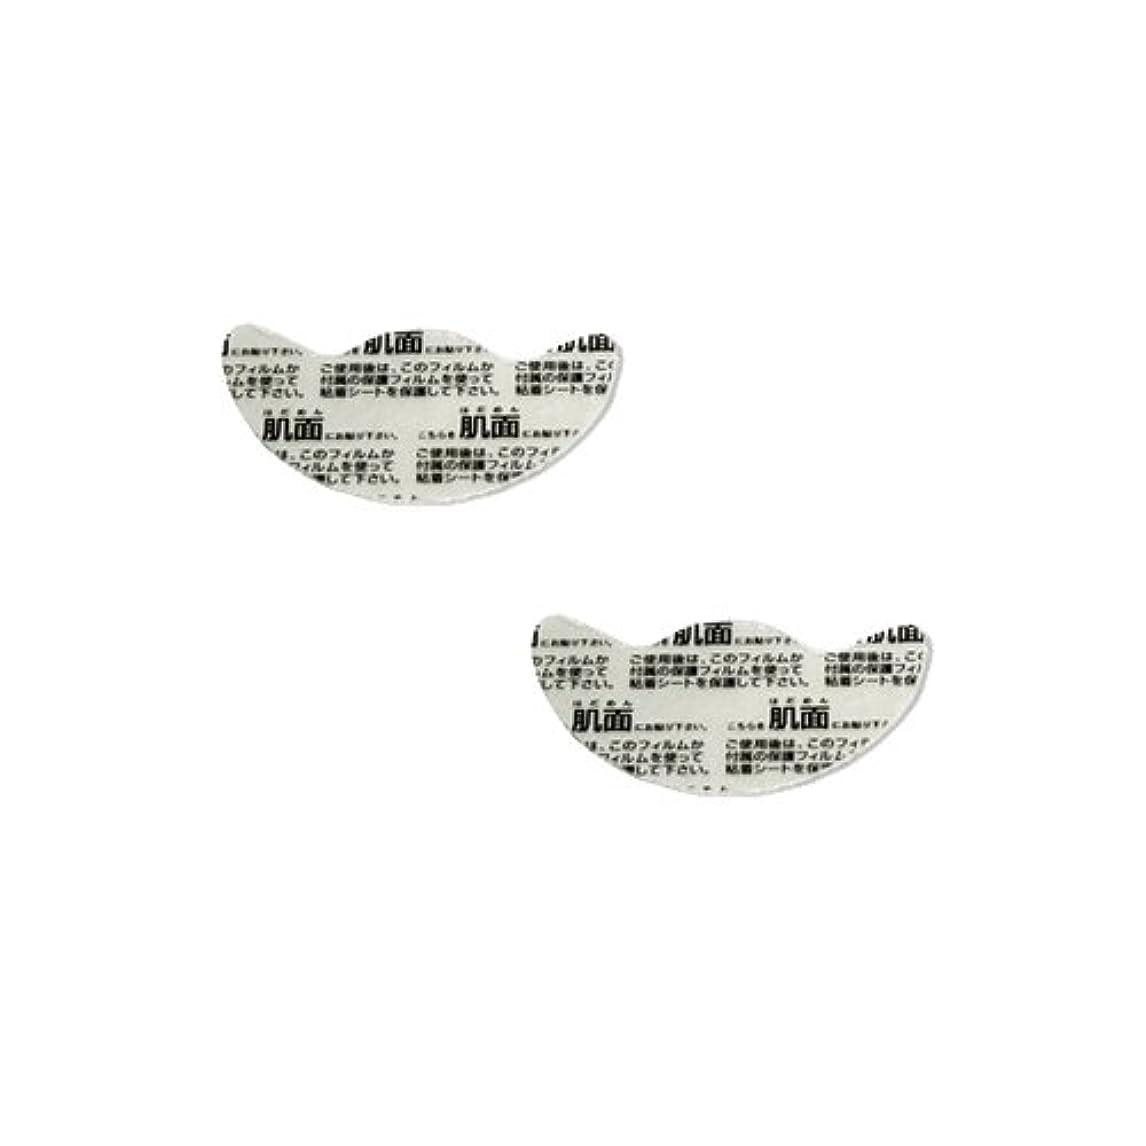 根絶する成長病気ナール超音波EMS美顔器 小顔ナール(Kogao NARL) 交換用粘着シート 2枚入(2枚×1組)